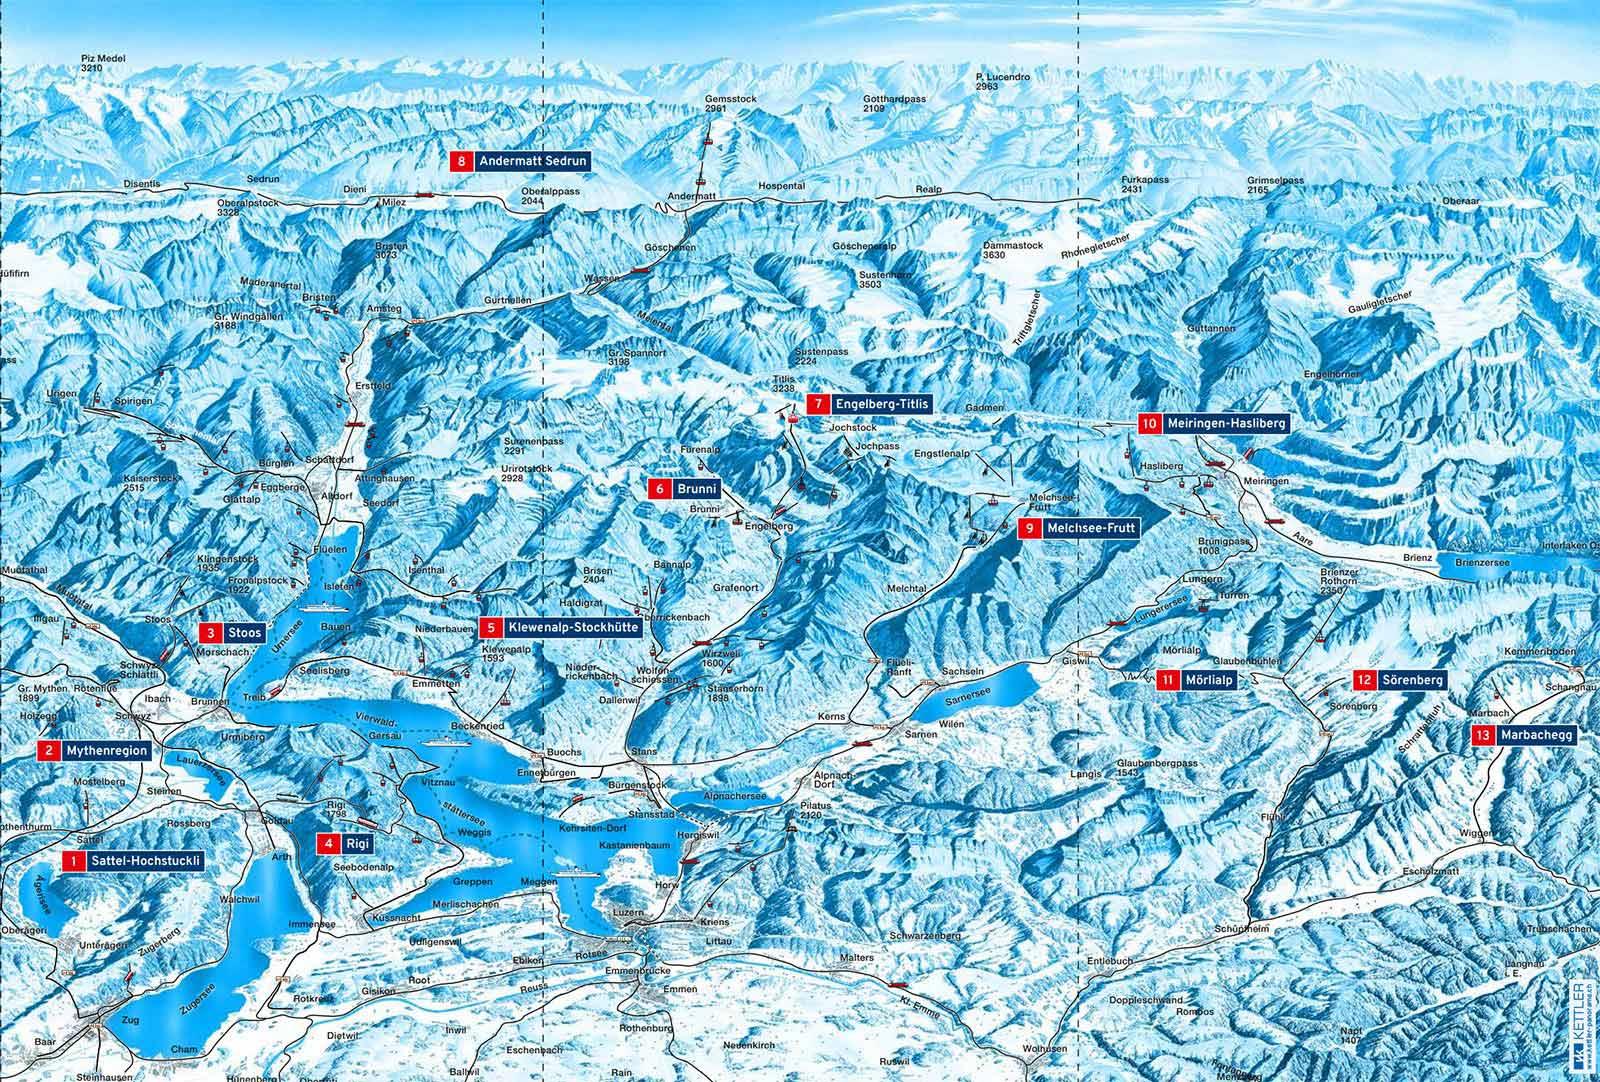 Übersicht: Die Gebiete des Schneepass Zentralschweiz 2019/2020